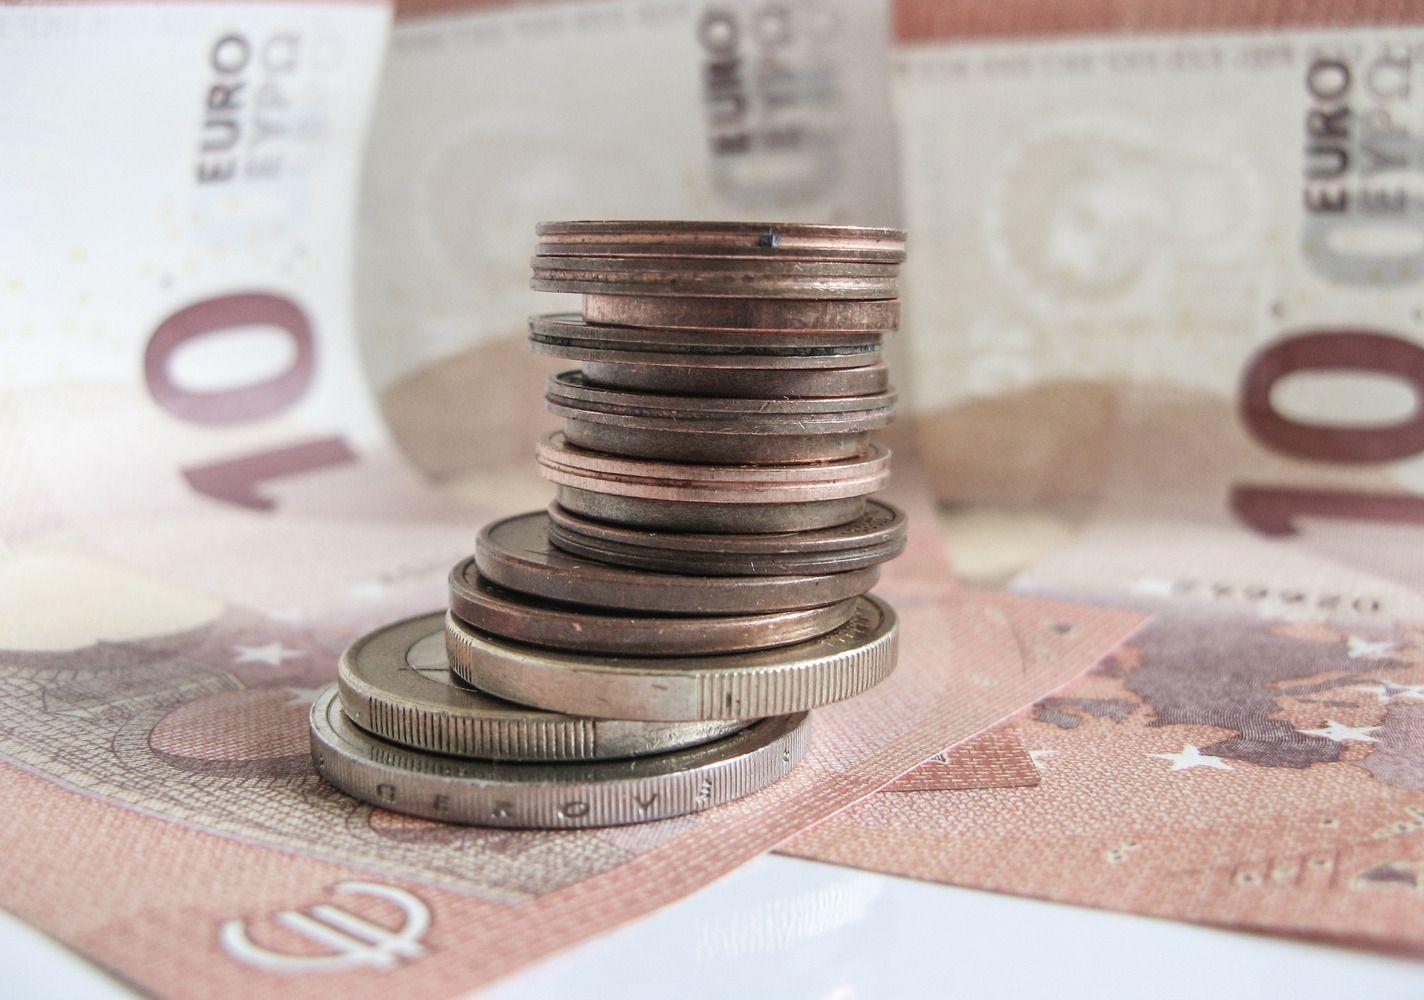 Seimo Biudžeto ir finansų komitetasatmetė savivaldybių siūlymus dėl GPM